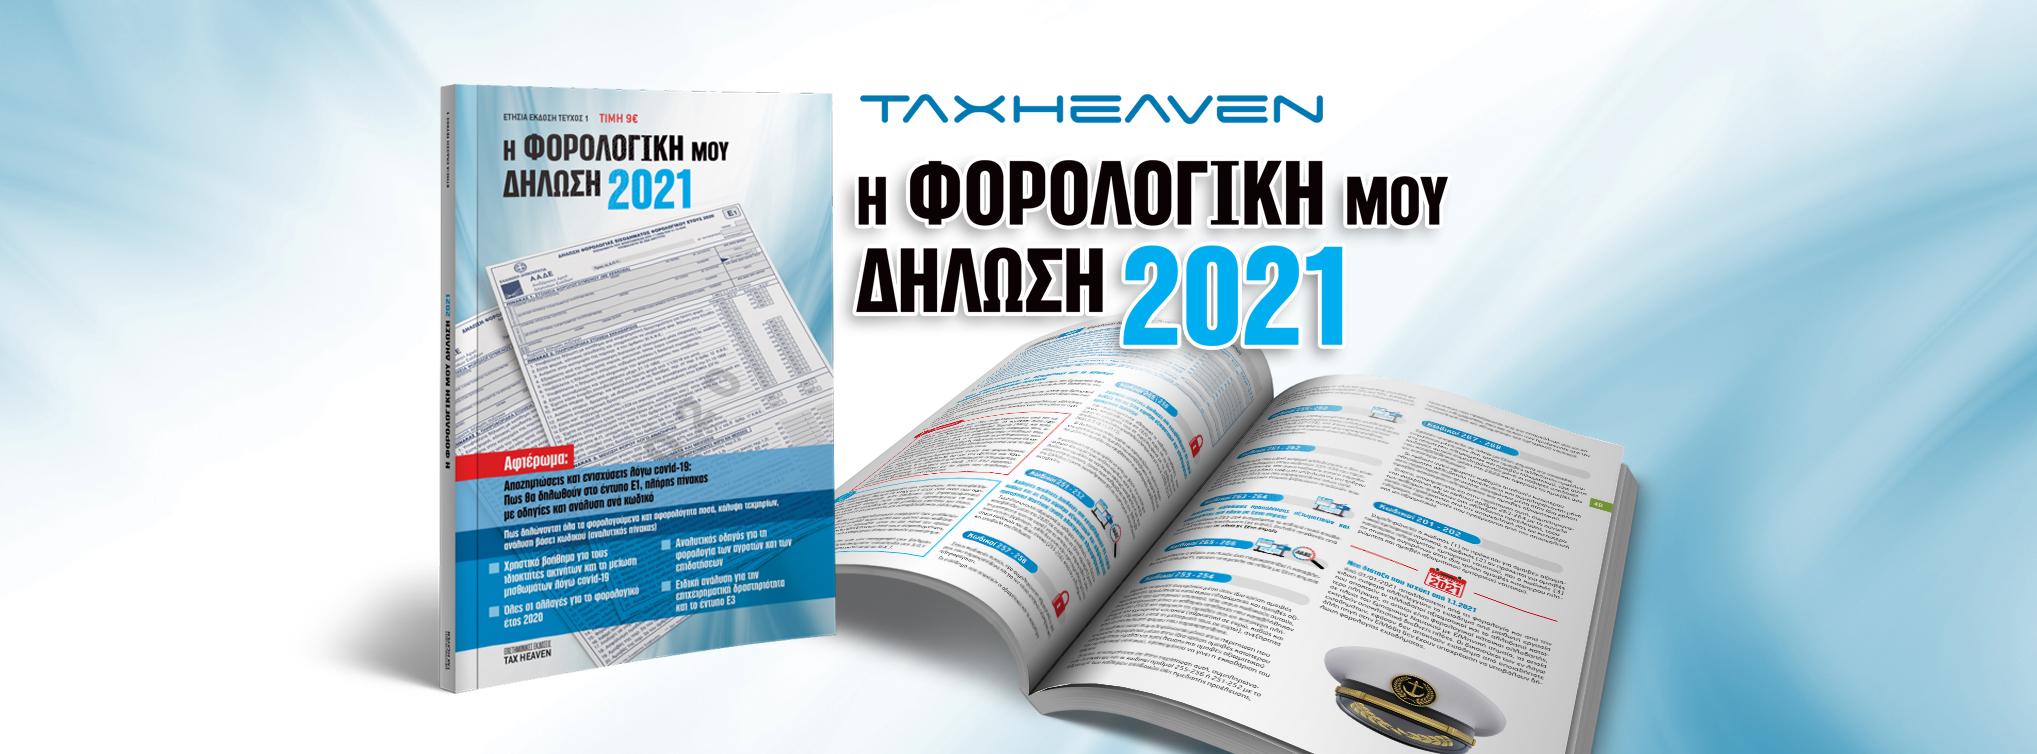 Η φορολογική μου δήλωση 2021 - Κυκλοφορεί στα περίπτερα την Παρασκευή, 11.6.2021